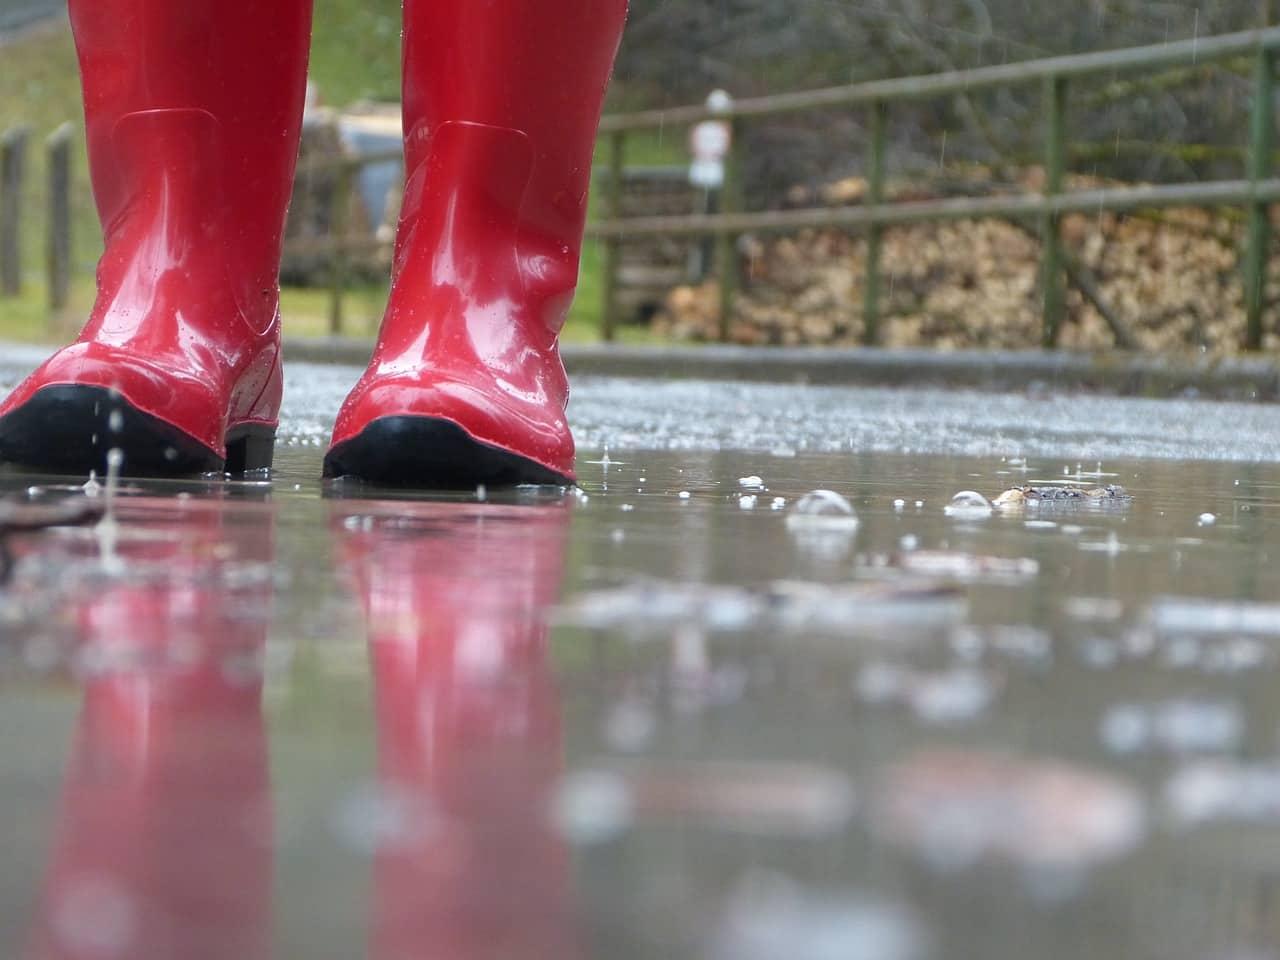 Αλλάξει ο καιρός από σήμερα Κυριακή 14 Μαρτίου, σύμφωνα με την πρόγνωση της ΕΜΥ - Πού αναμένεται ότι θα βρέξει την Καθαρά Δευτέρα